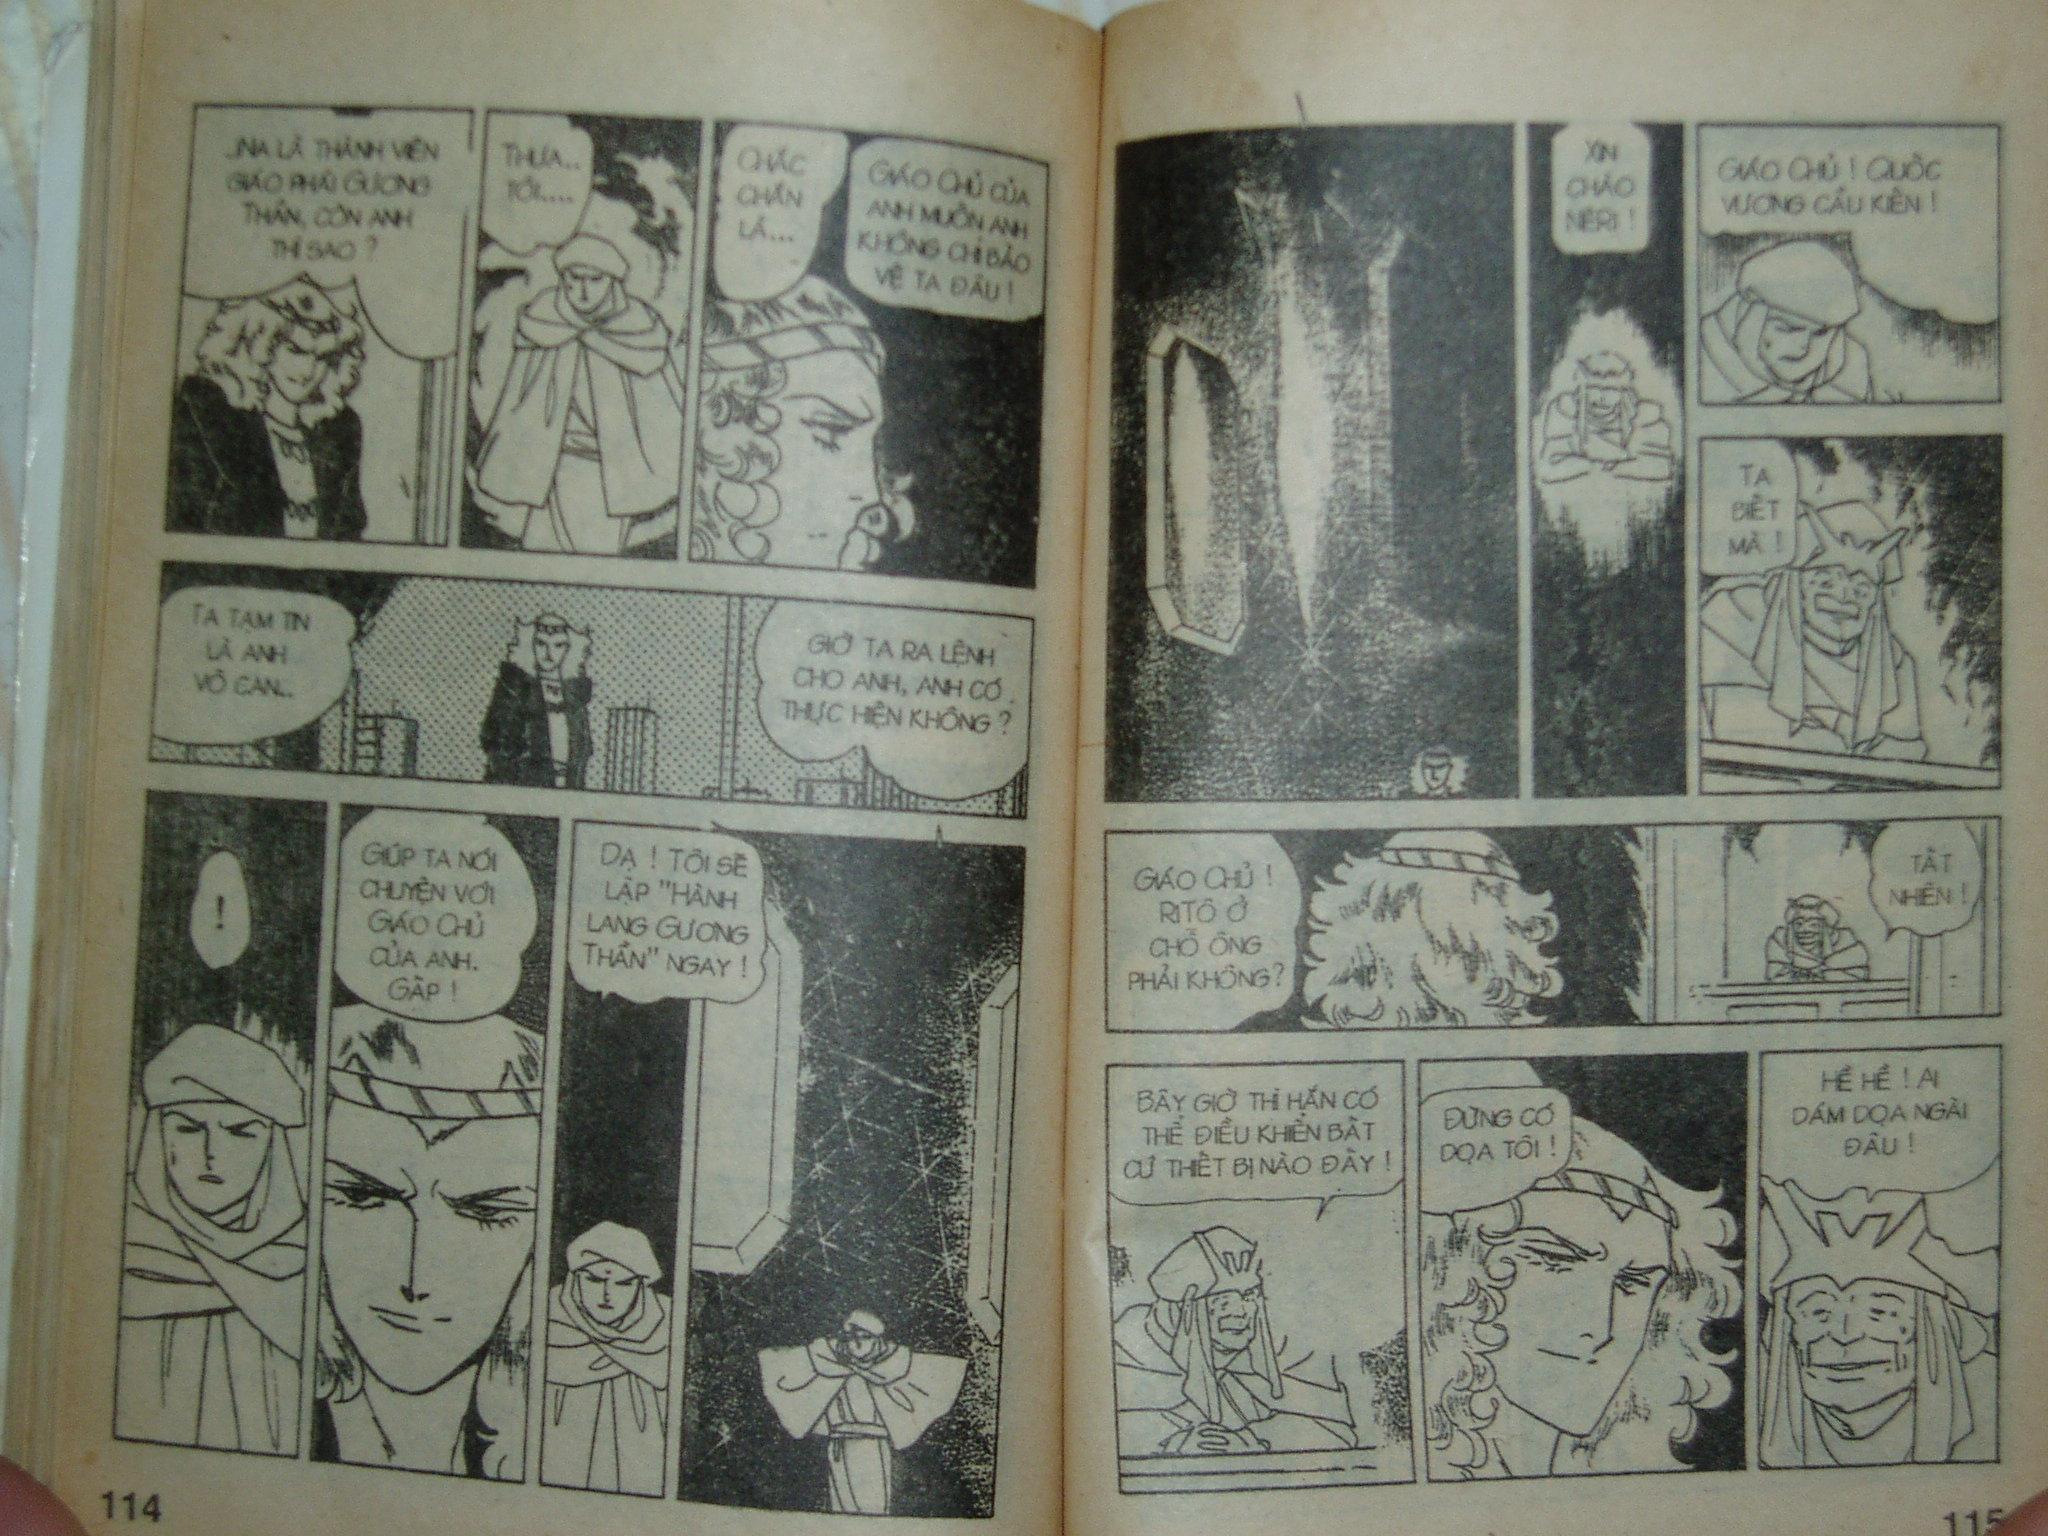 Siêu nhân Locke vol 17 trang 55